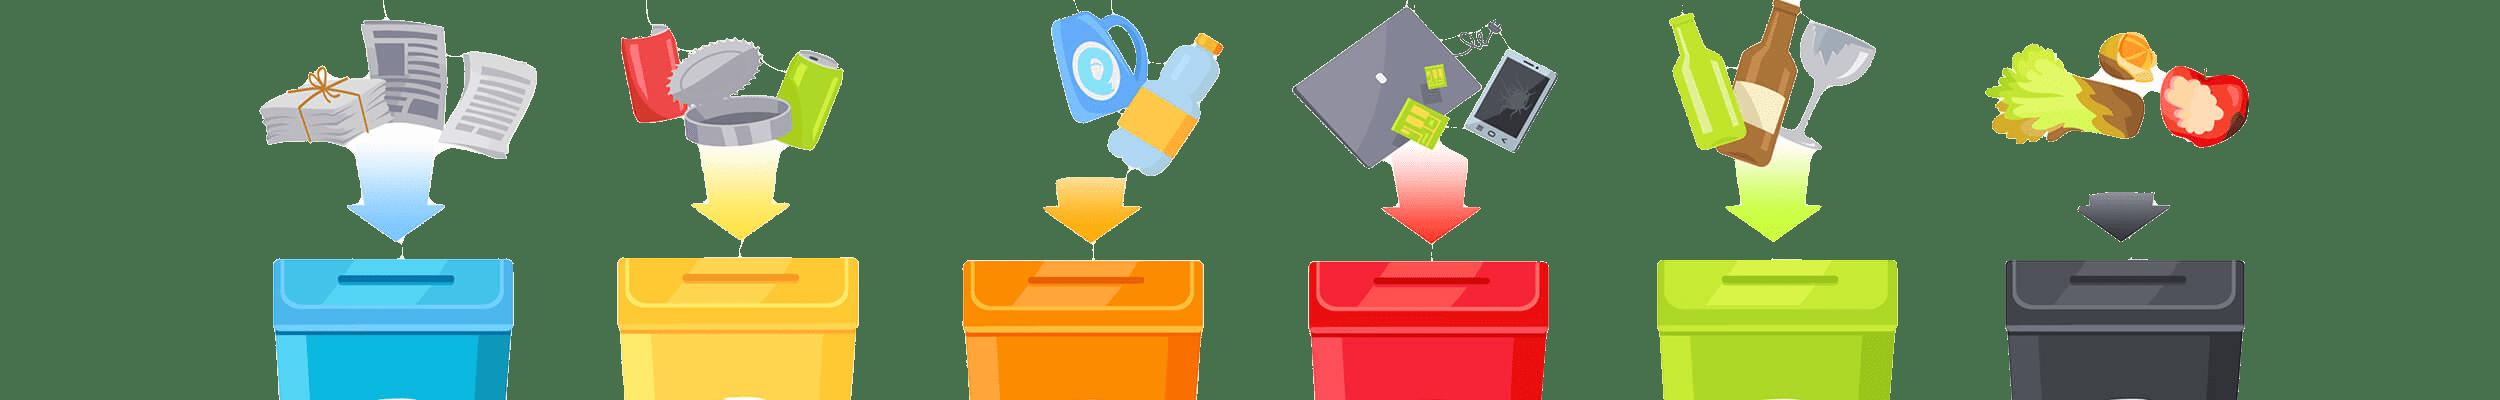 До 2035 г. 65% от битовите отпадъци трябва да бъдат подготвяни за повторна употреба и рециклиране.